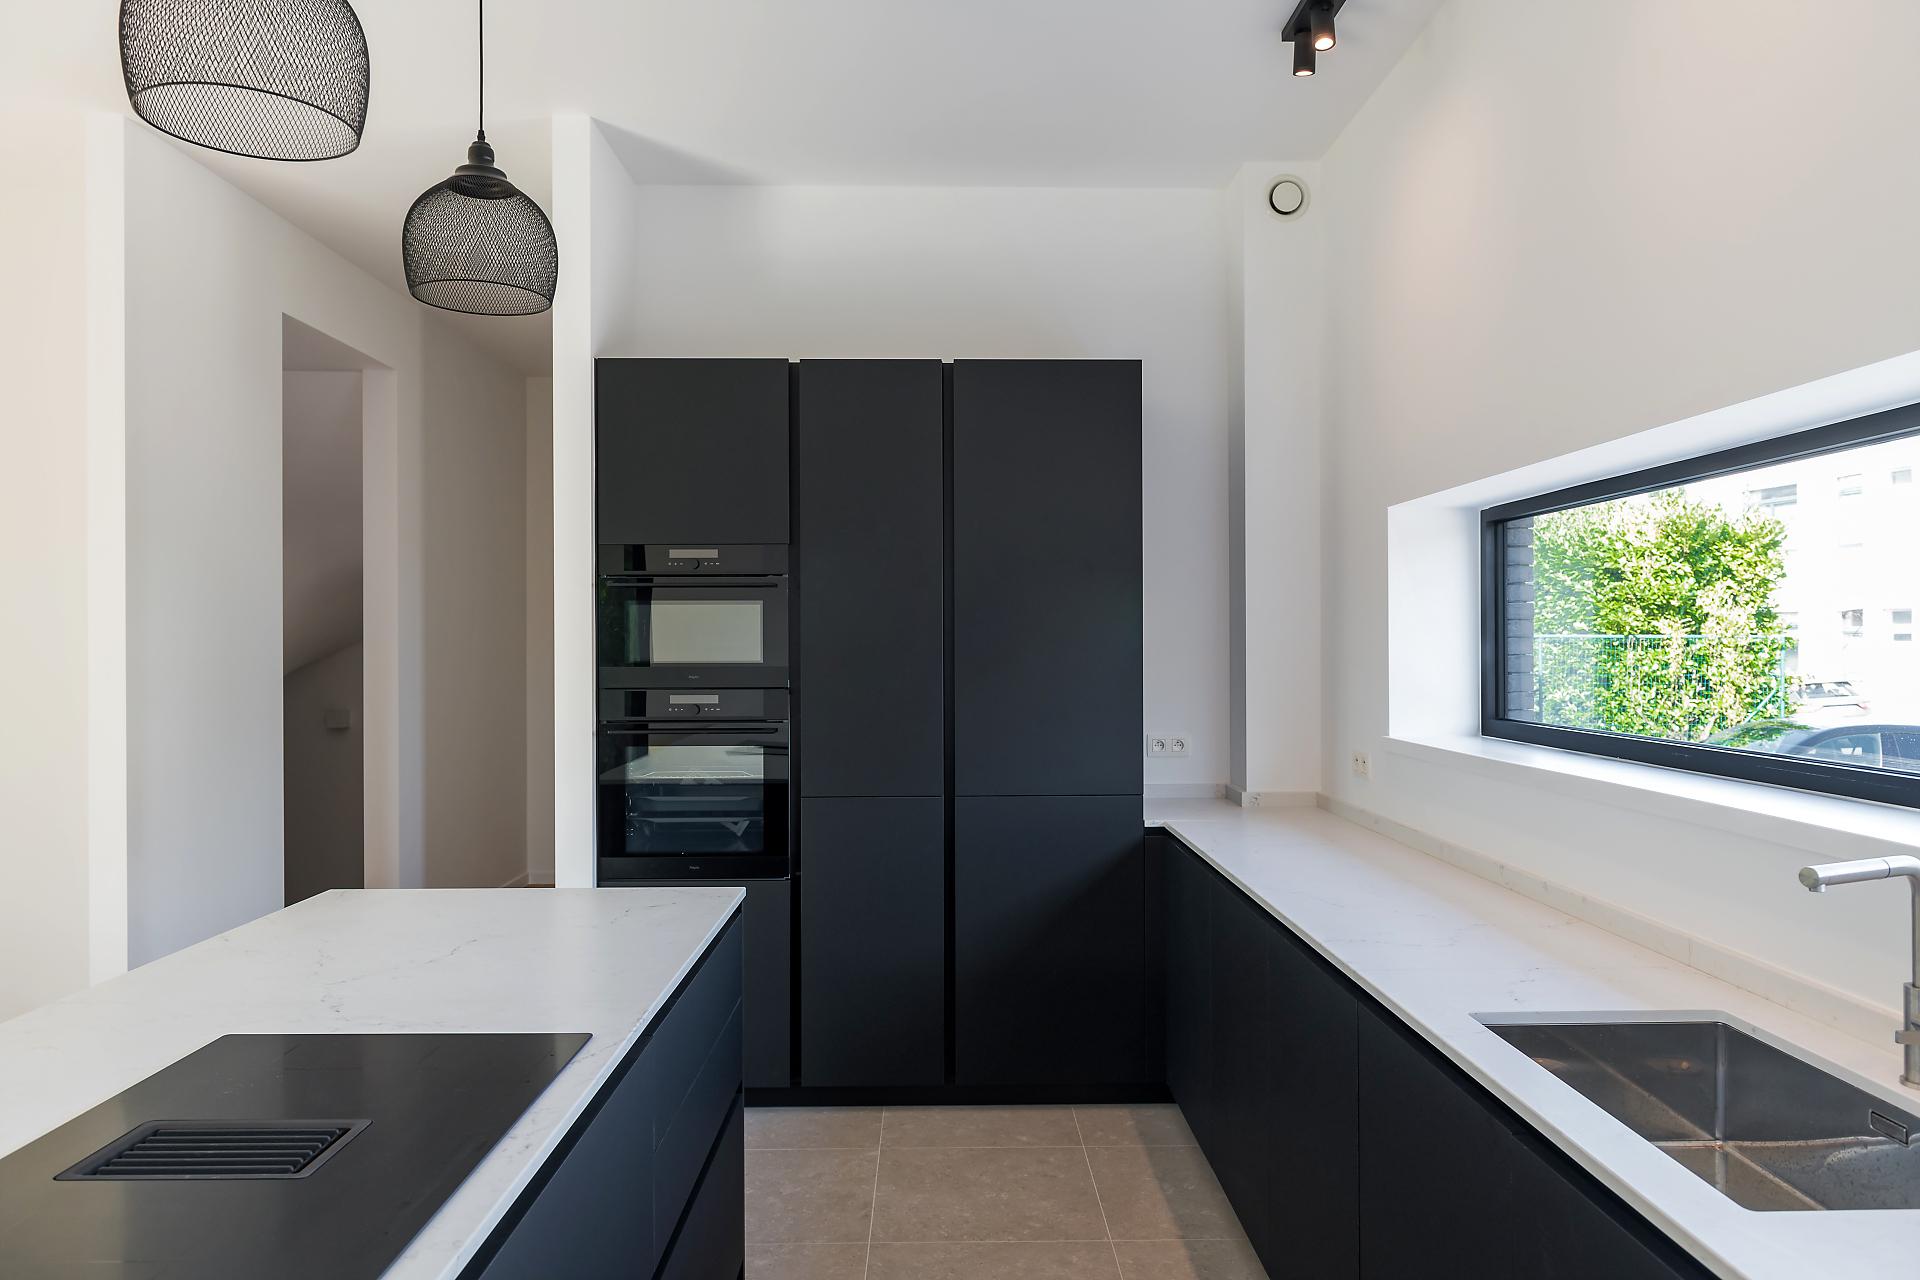 Cuisine moderne noir mat ouverte | Raison Home Belgium - 3